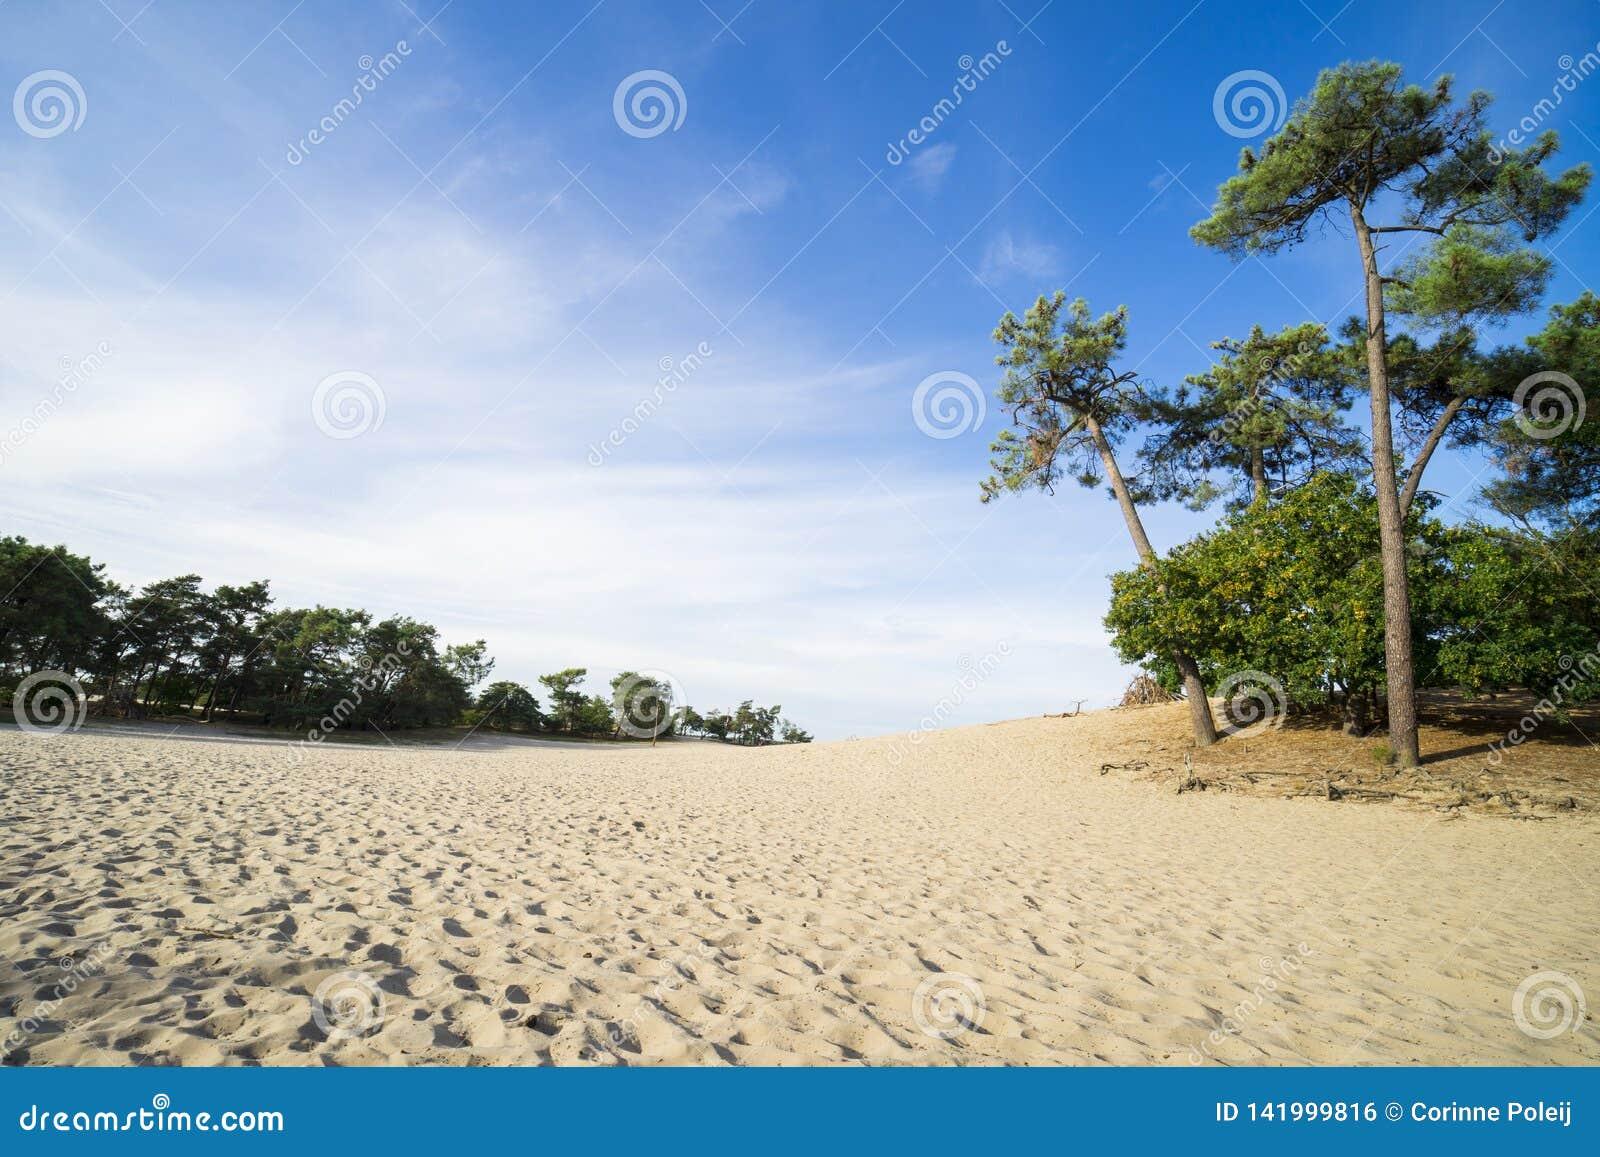 Pinheiros e trajeto da areia no parque nacional Loonse e Drunense Duinen, os Países Baixos